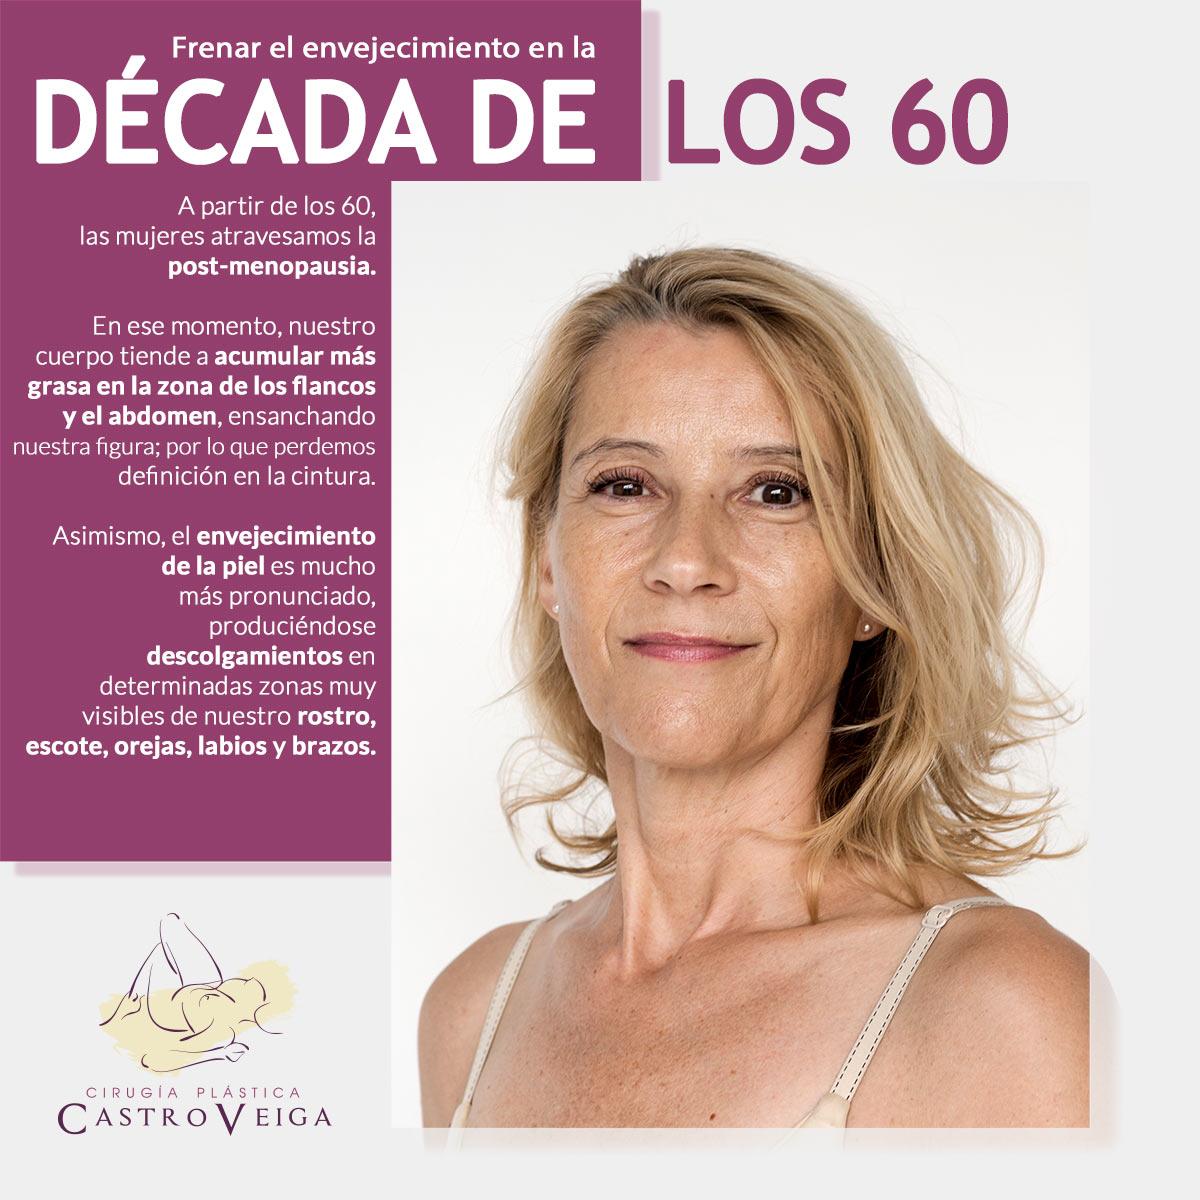 retoques estéticos para mujeres a partir de los 60 años